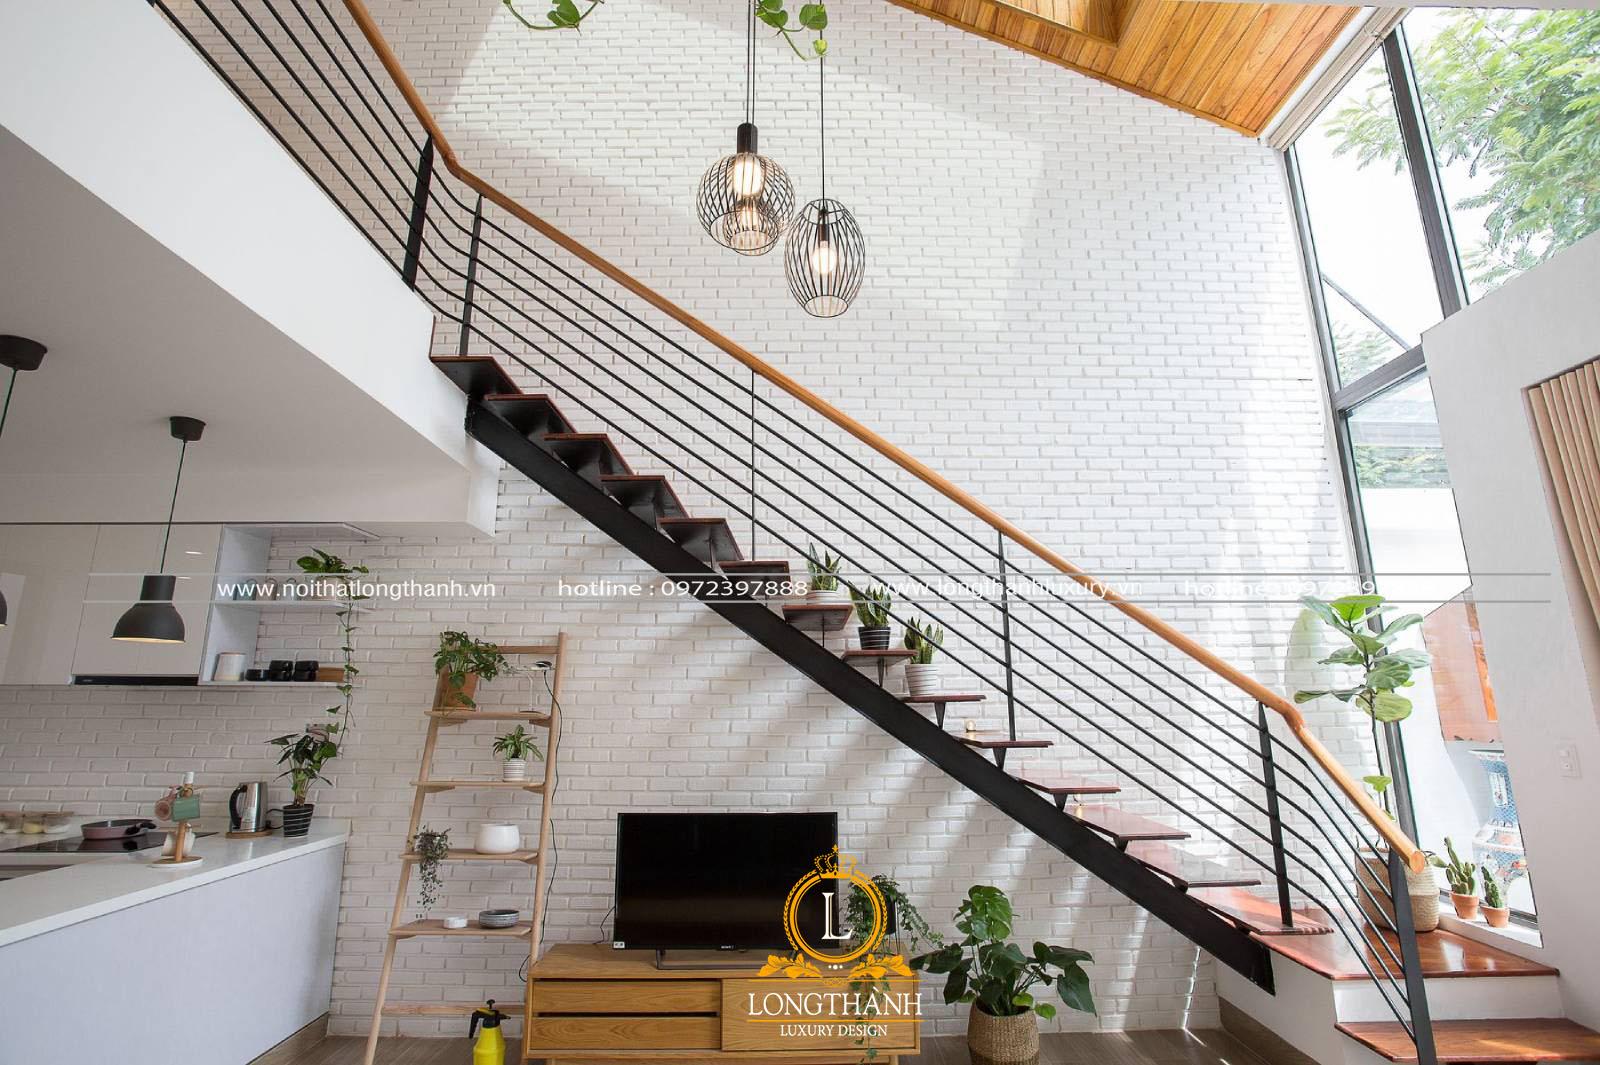 Cầu thang phòng khách được thiết kế theo kiểu hình chữ L